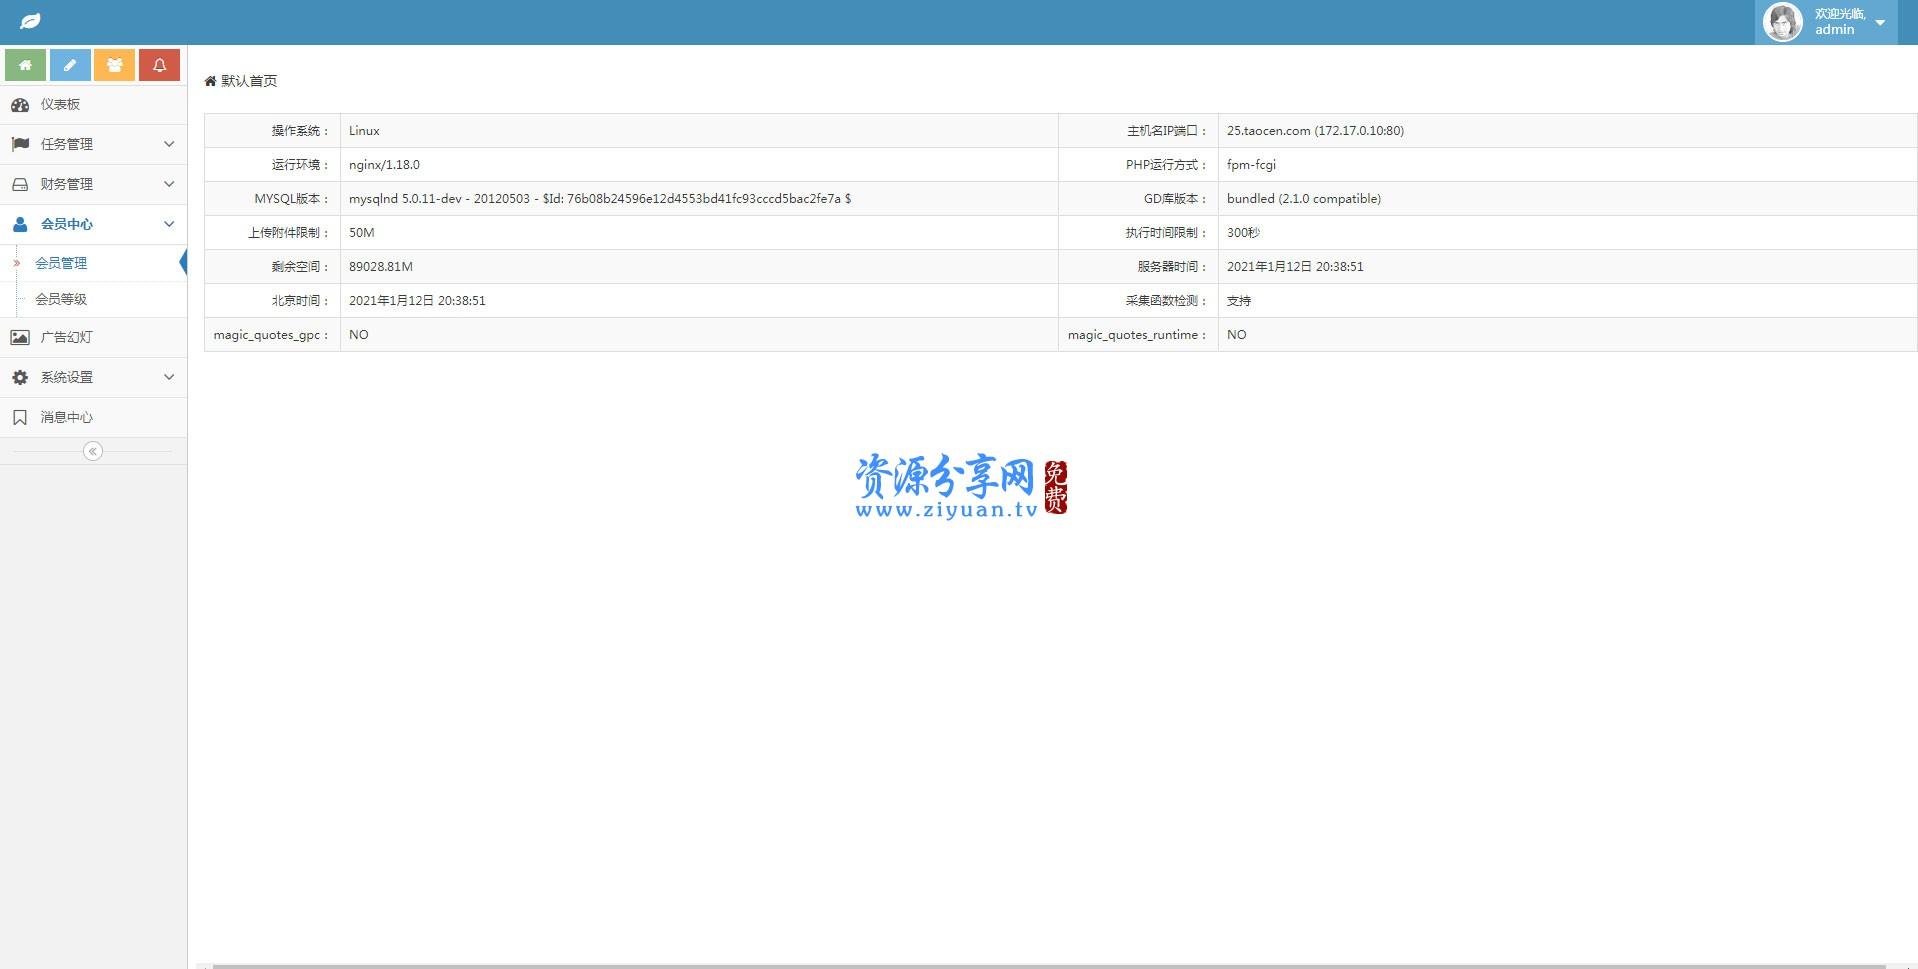 抖音任务点赞平台源码 亲测完美运行+抖音+快手+火山+微视+点赞任务悬赏